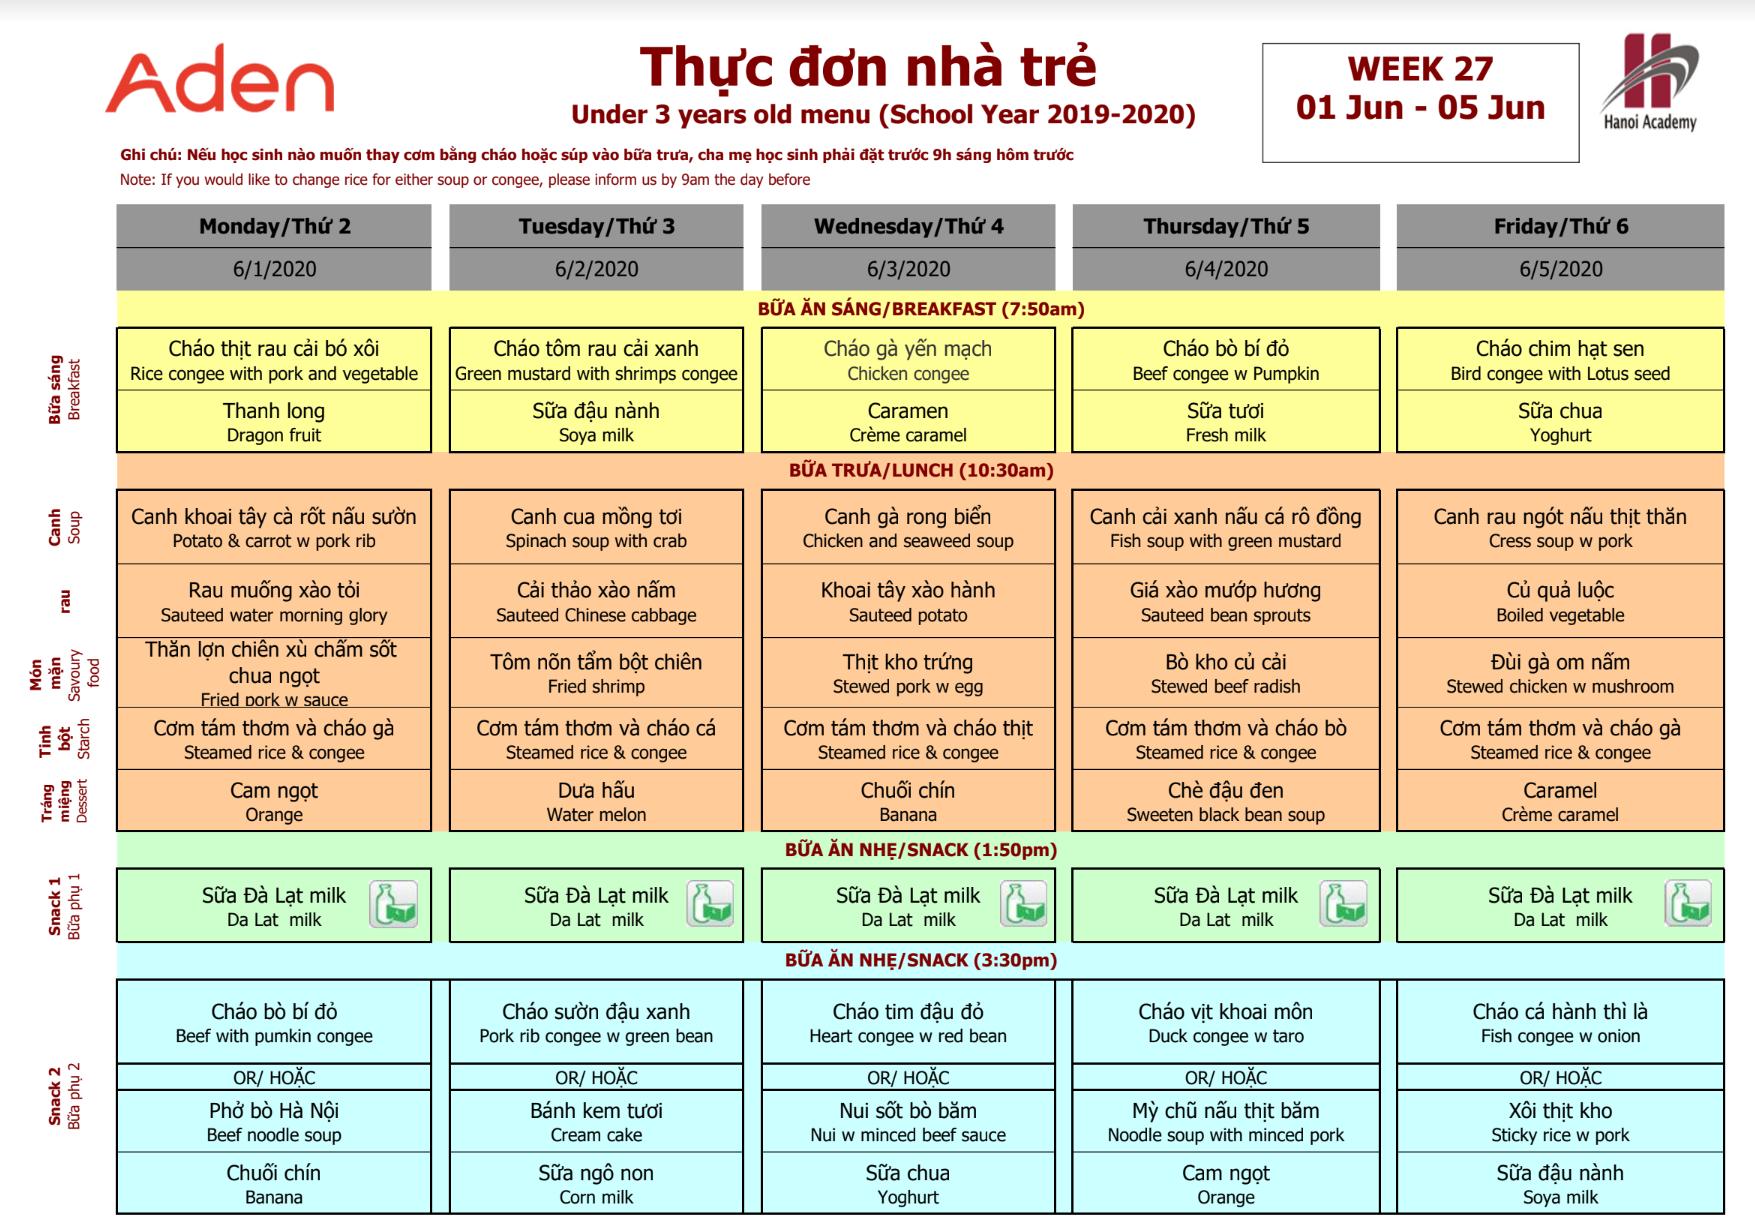 Thực đơn tuần 27 (01/06 – 05/06) Hanoi Academy